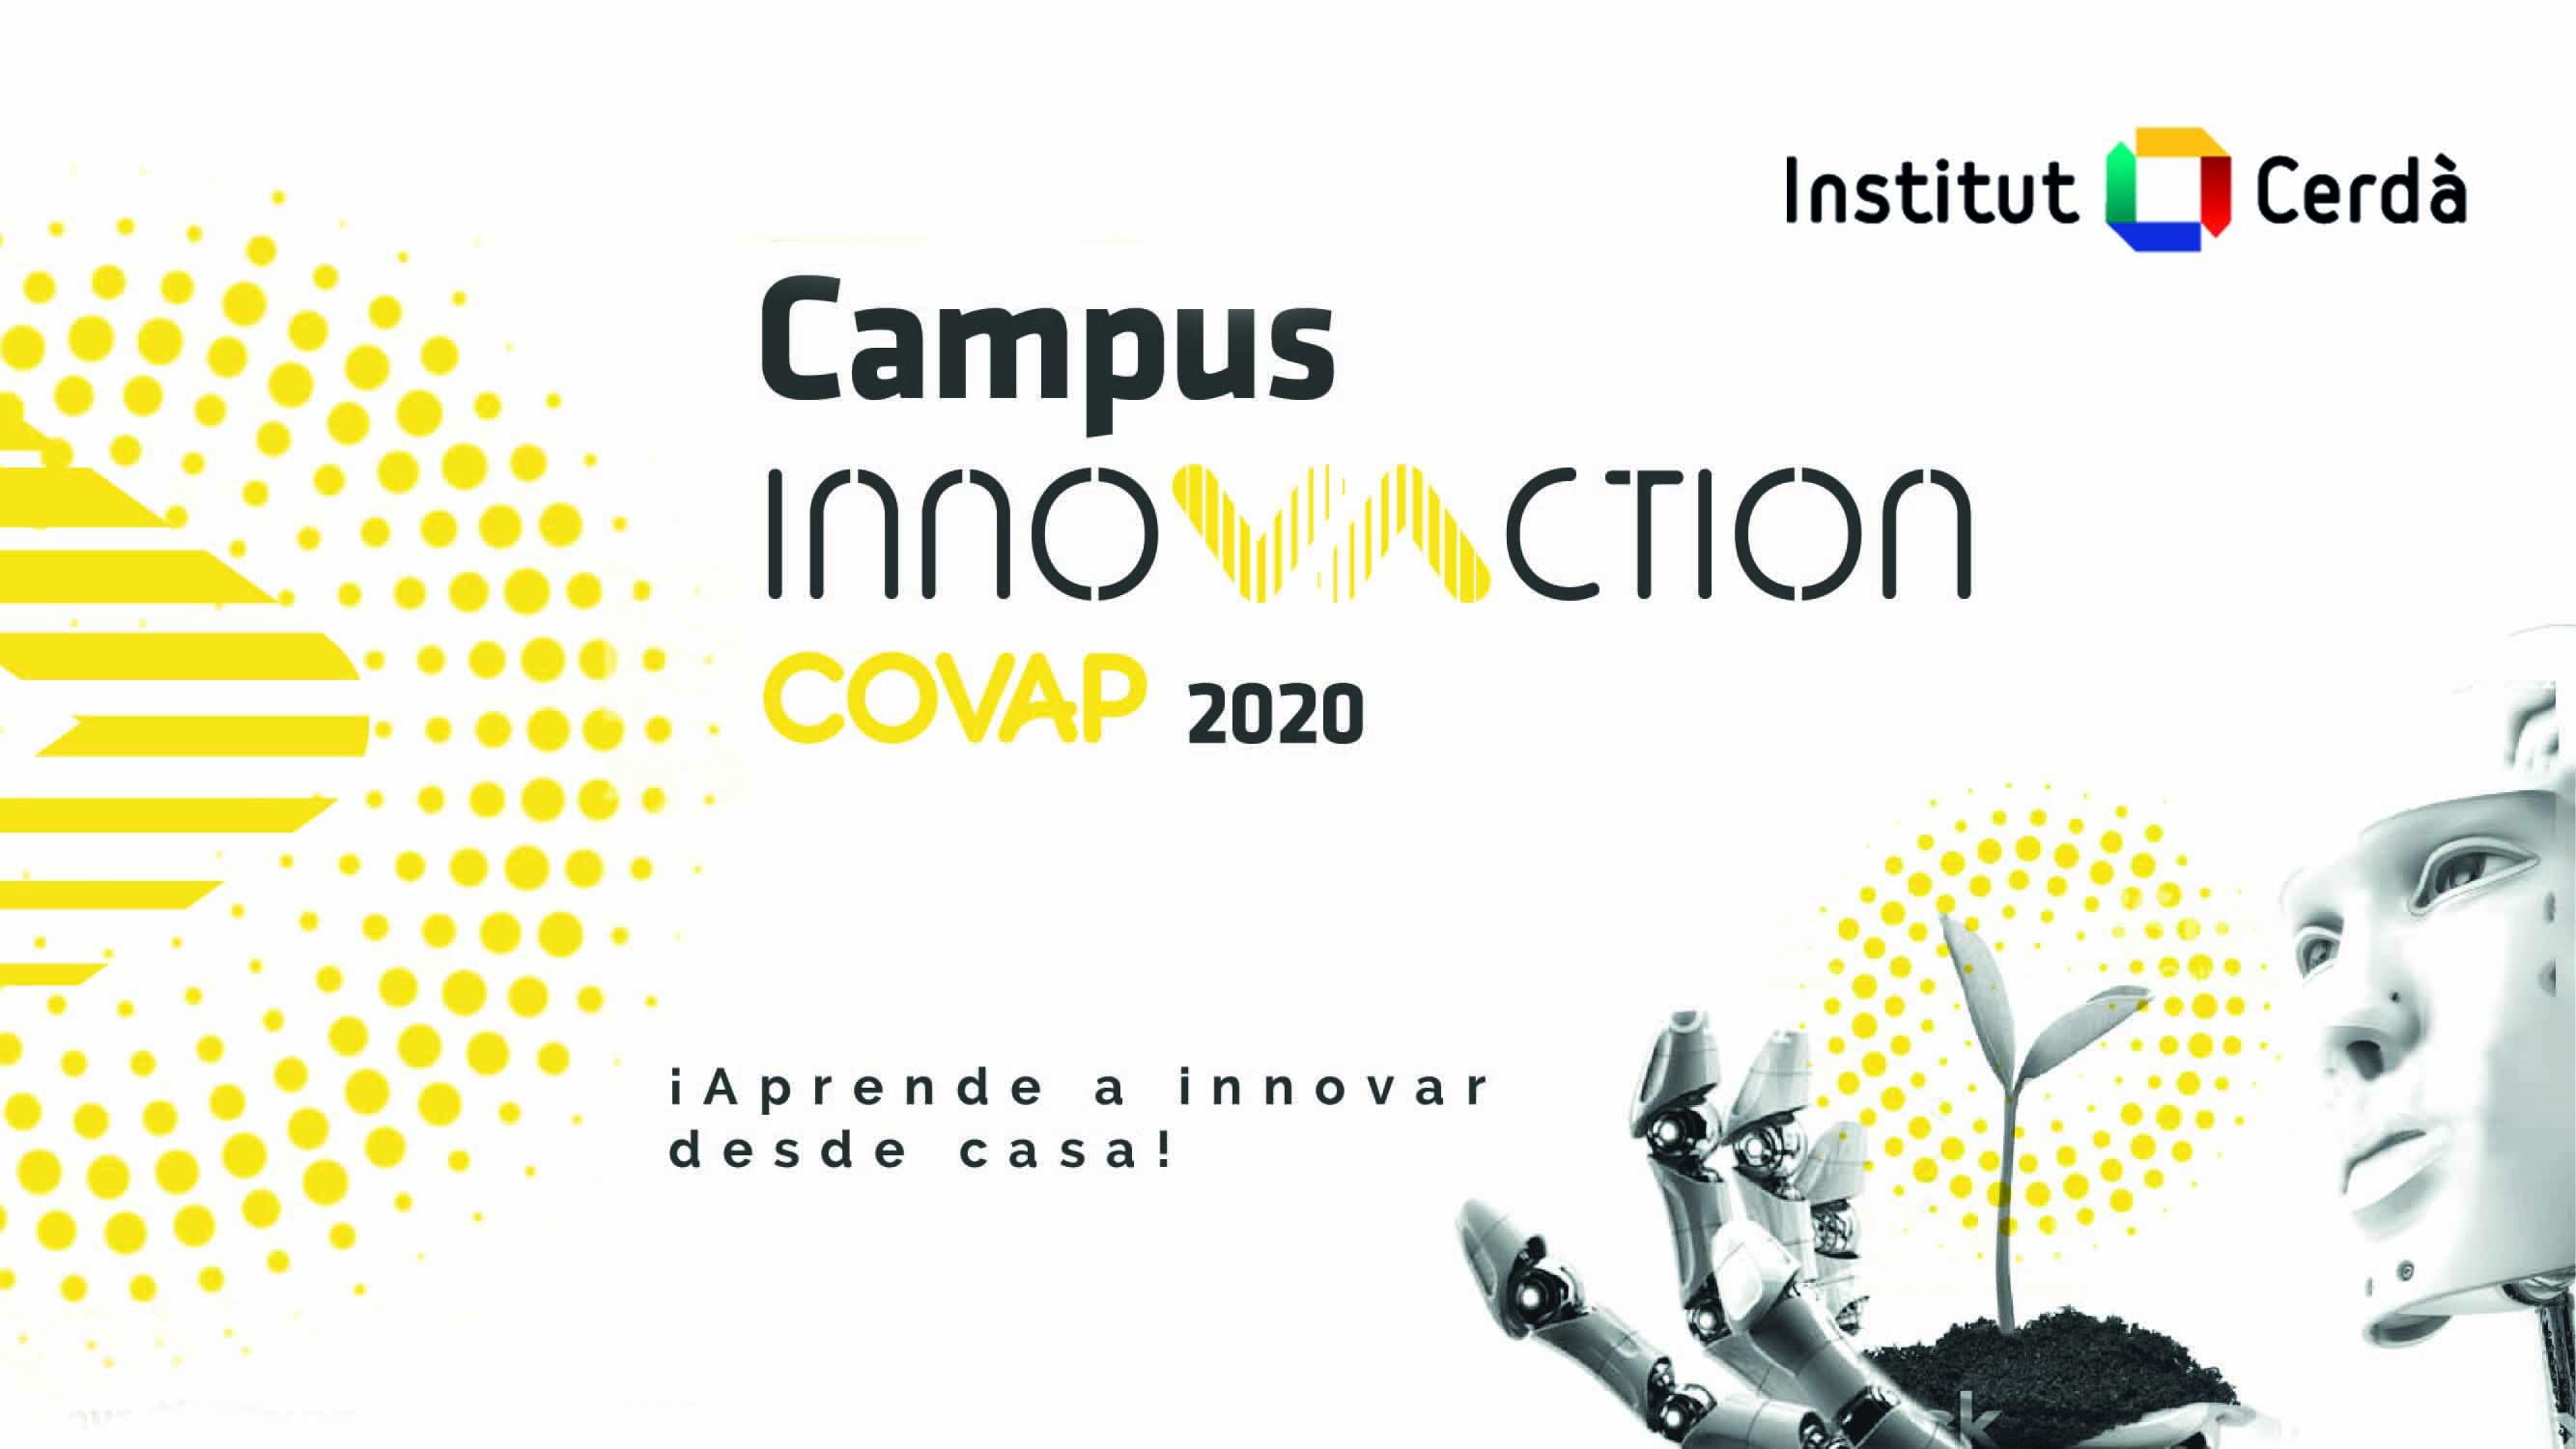 Observatorio de Innovación en Gran Consumo destaca el Campus Innovaction COVAP | COVAP